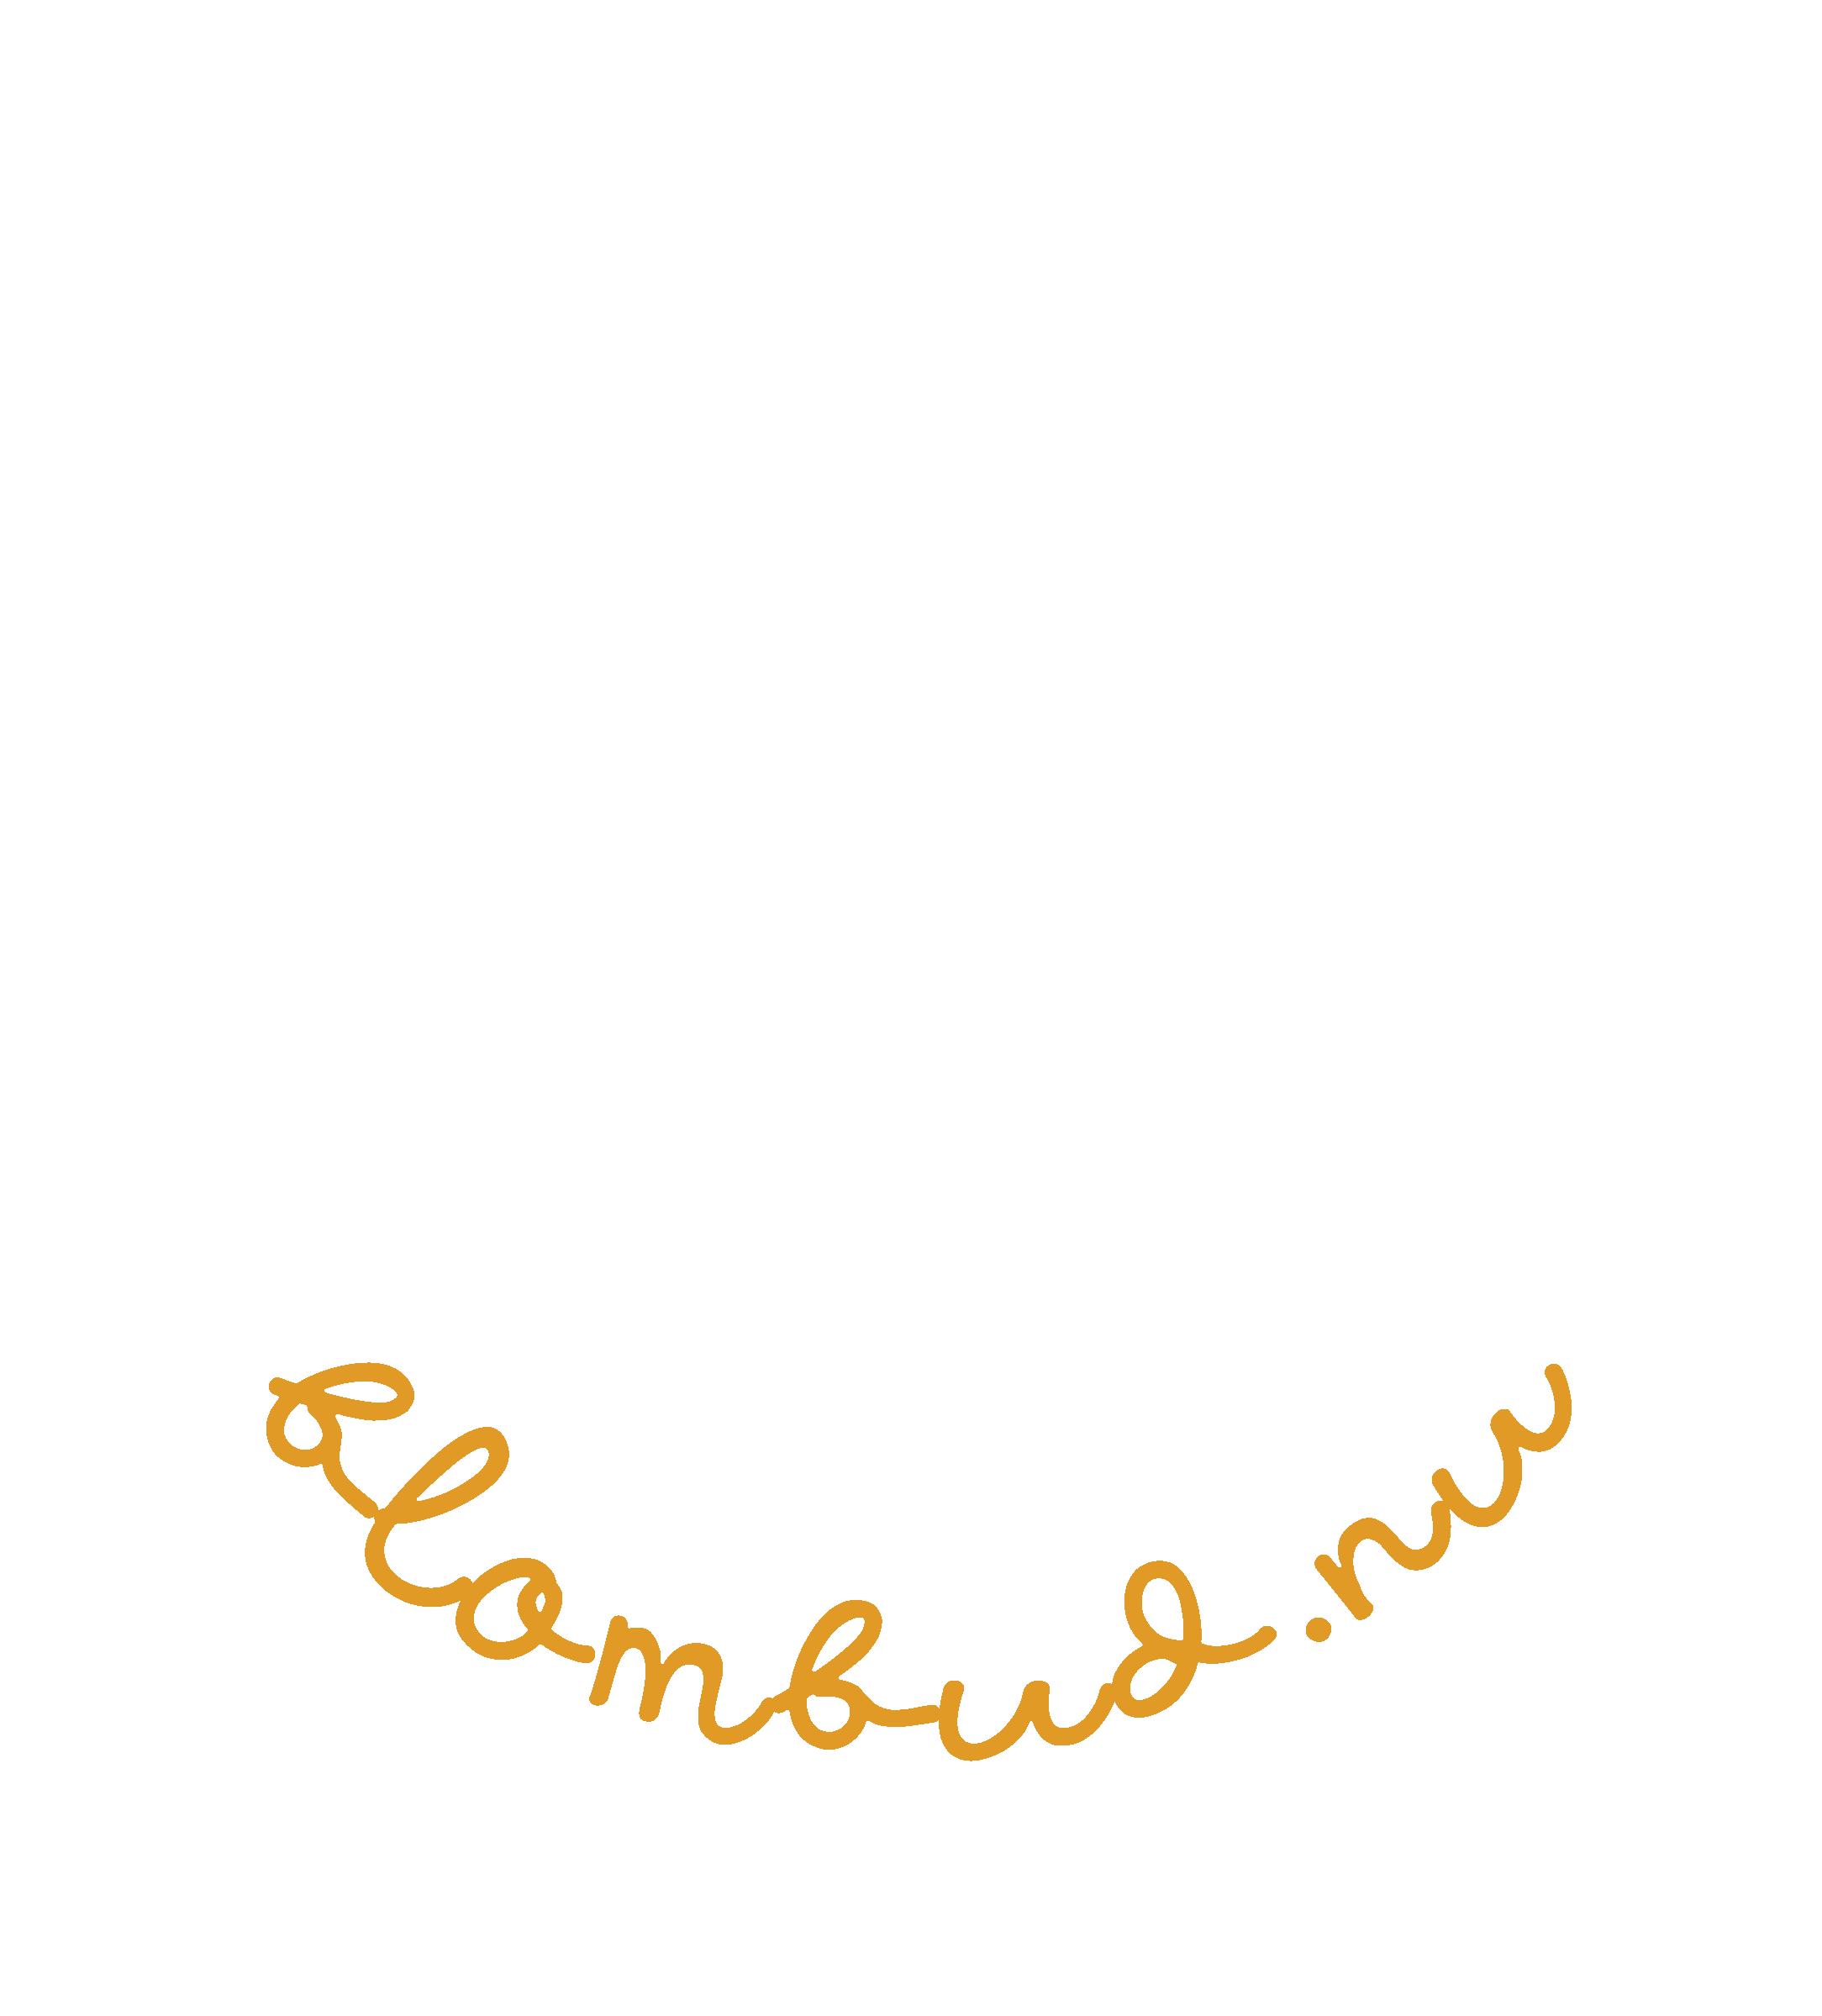 Blombud